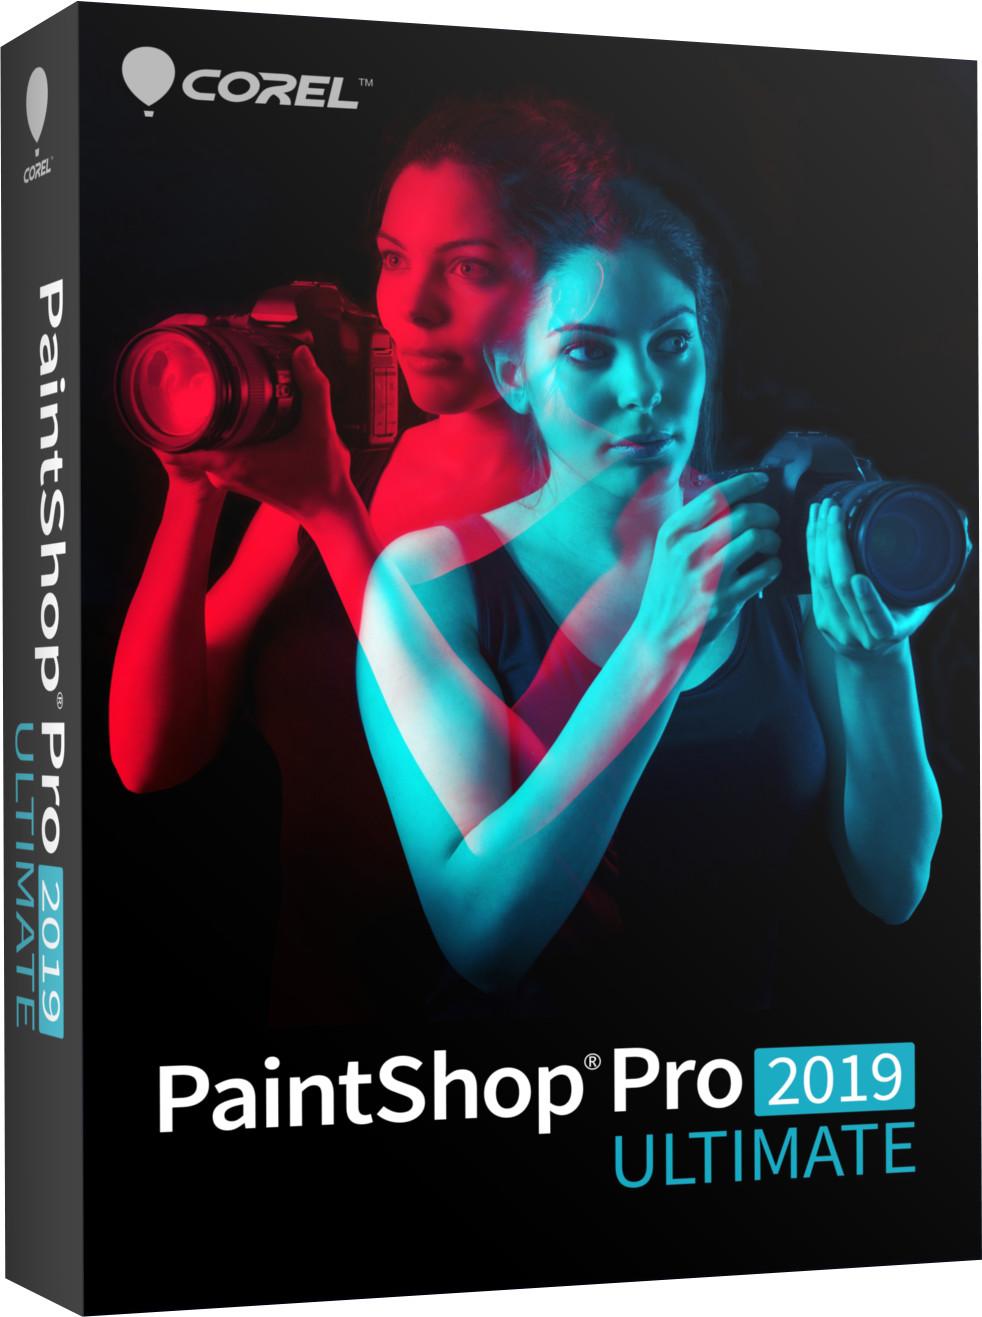 Image of Corel PaintShop Pro 2019 Ultimate